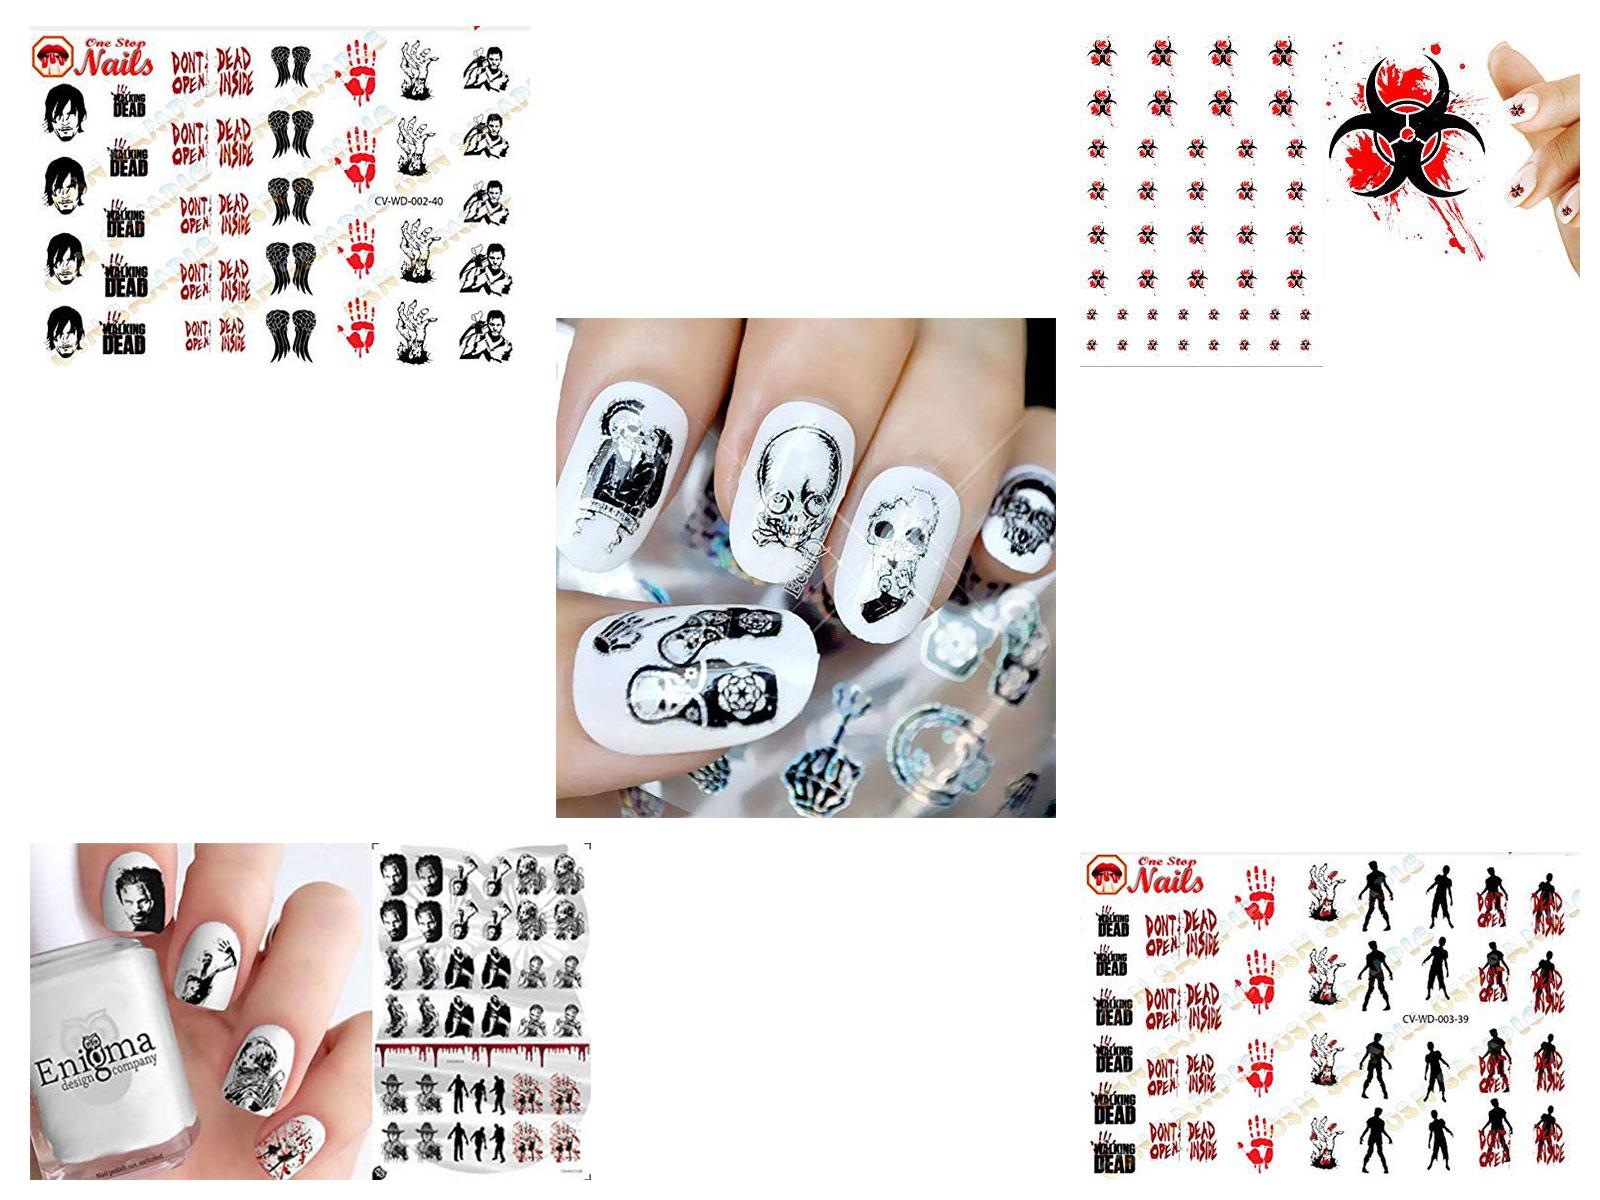 12-Halloween-Zombie-Nails-Art-Decals-Designs-Trends-2019-F